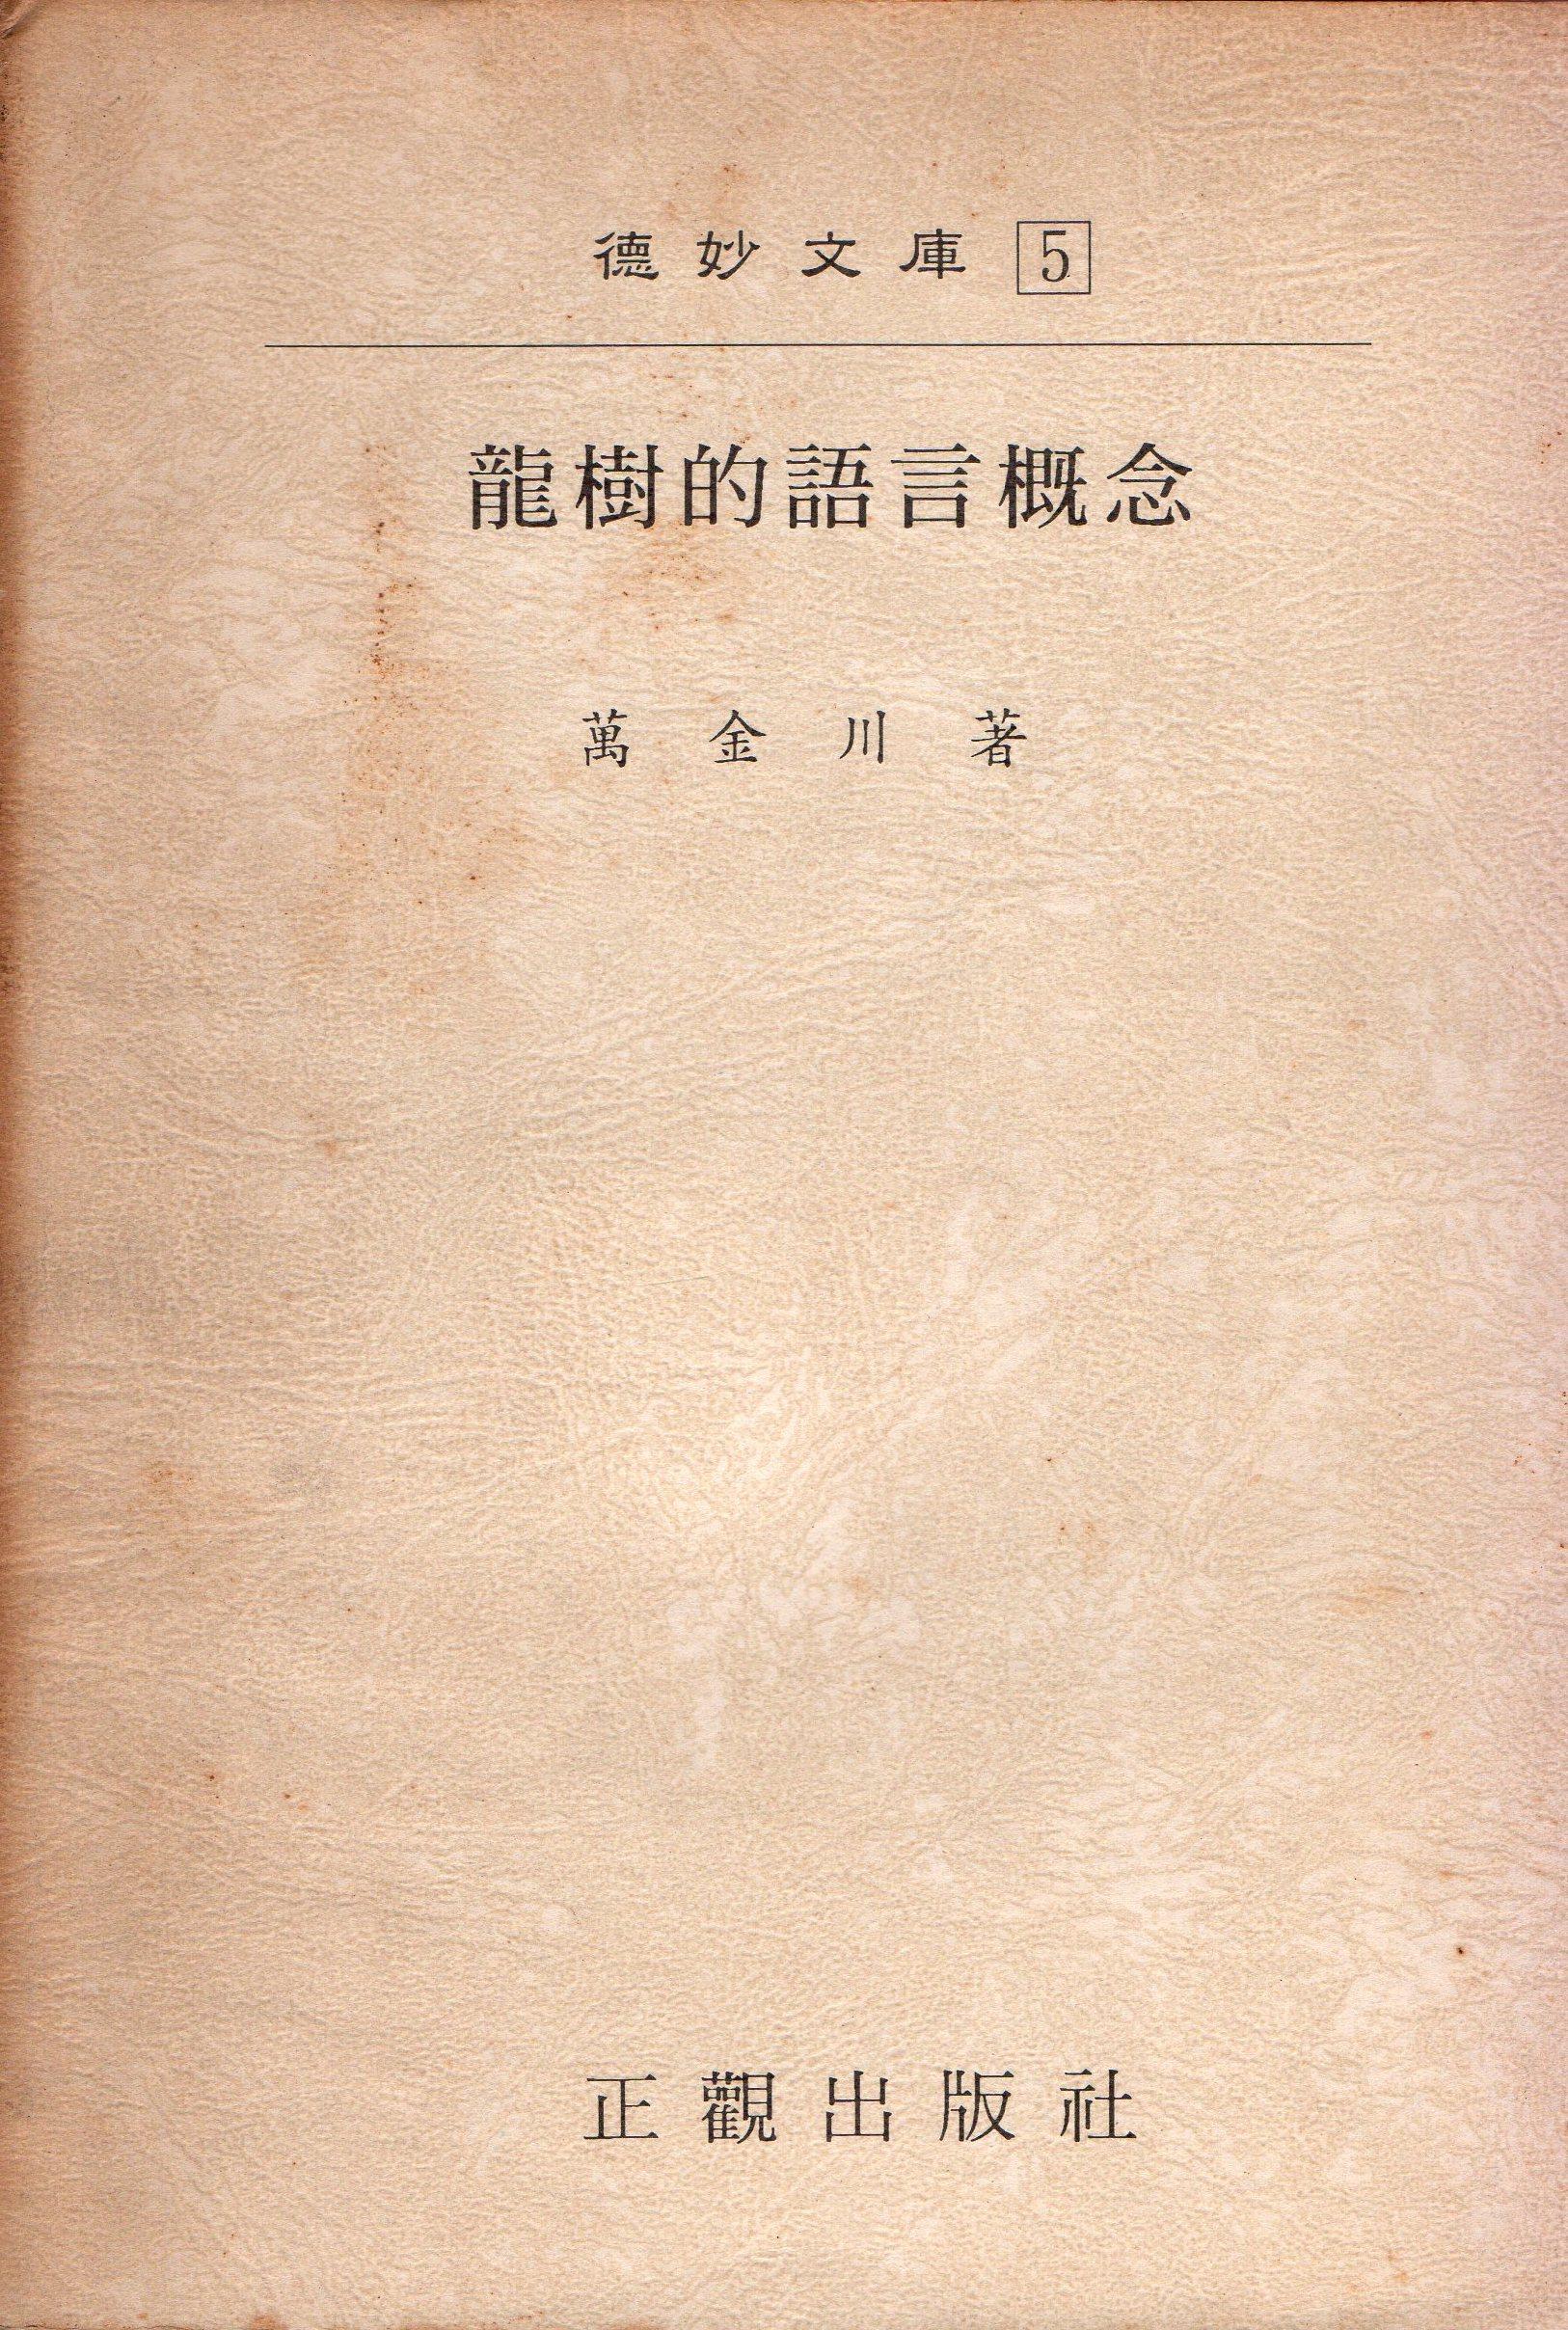 龍樹的語言概念